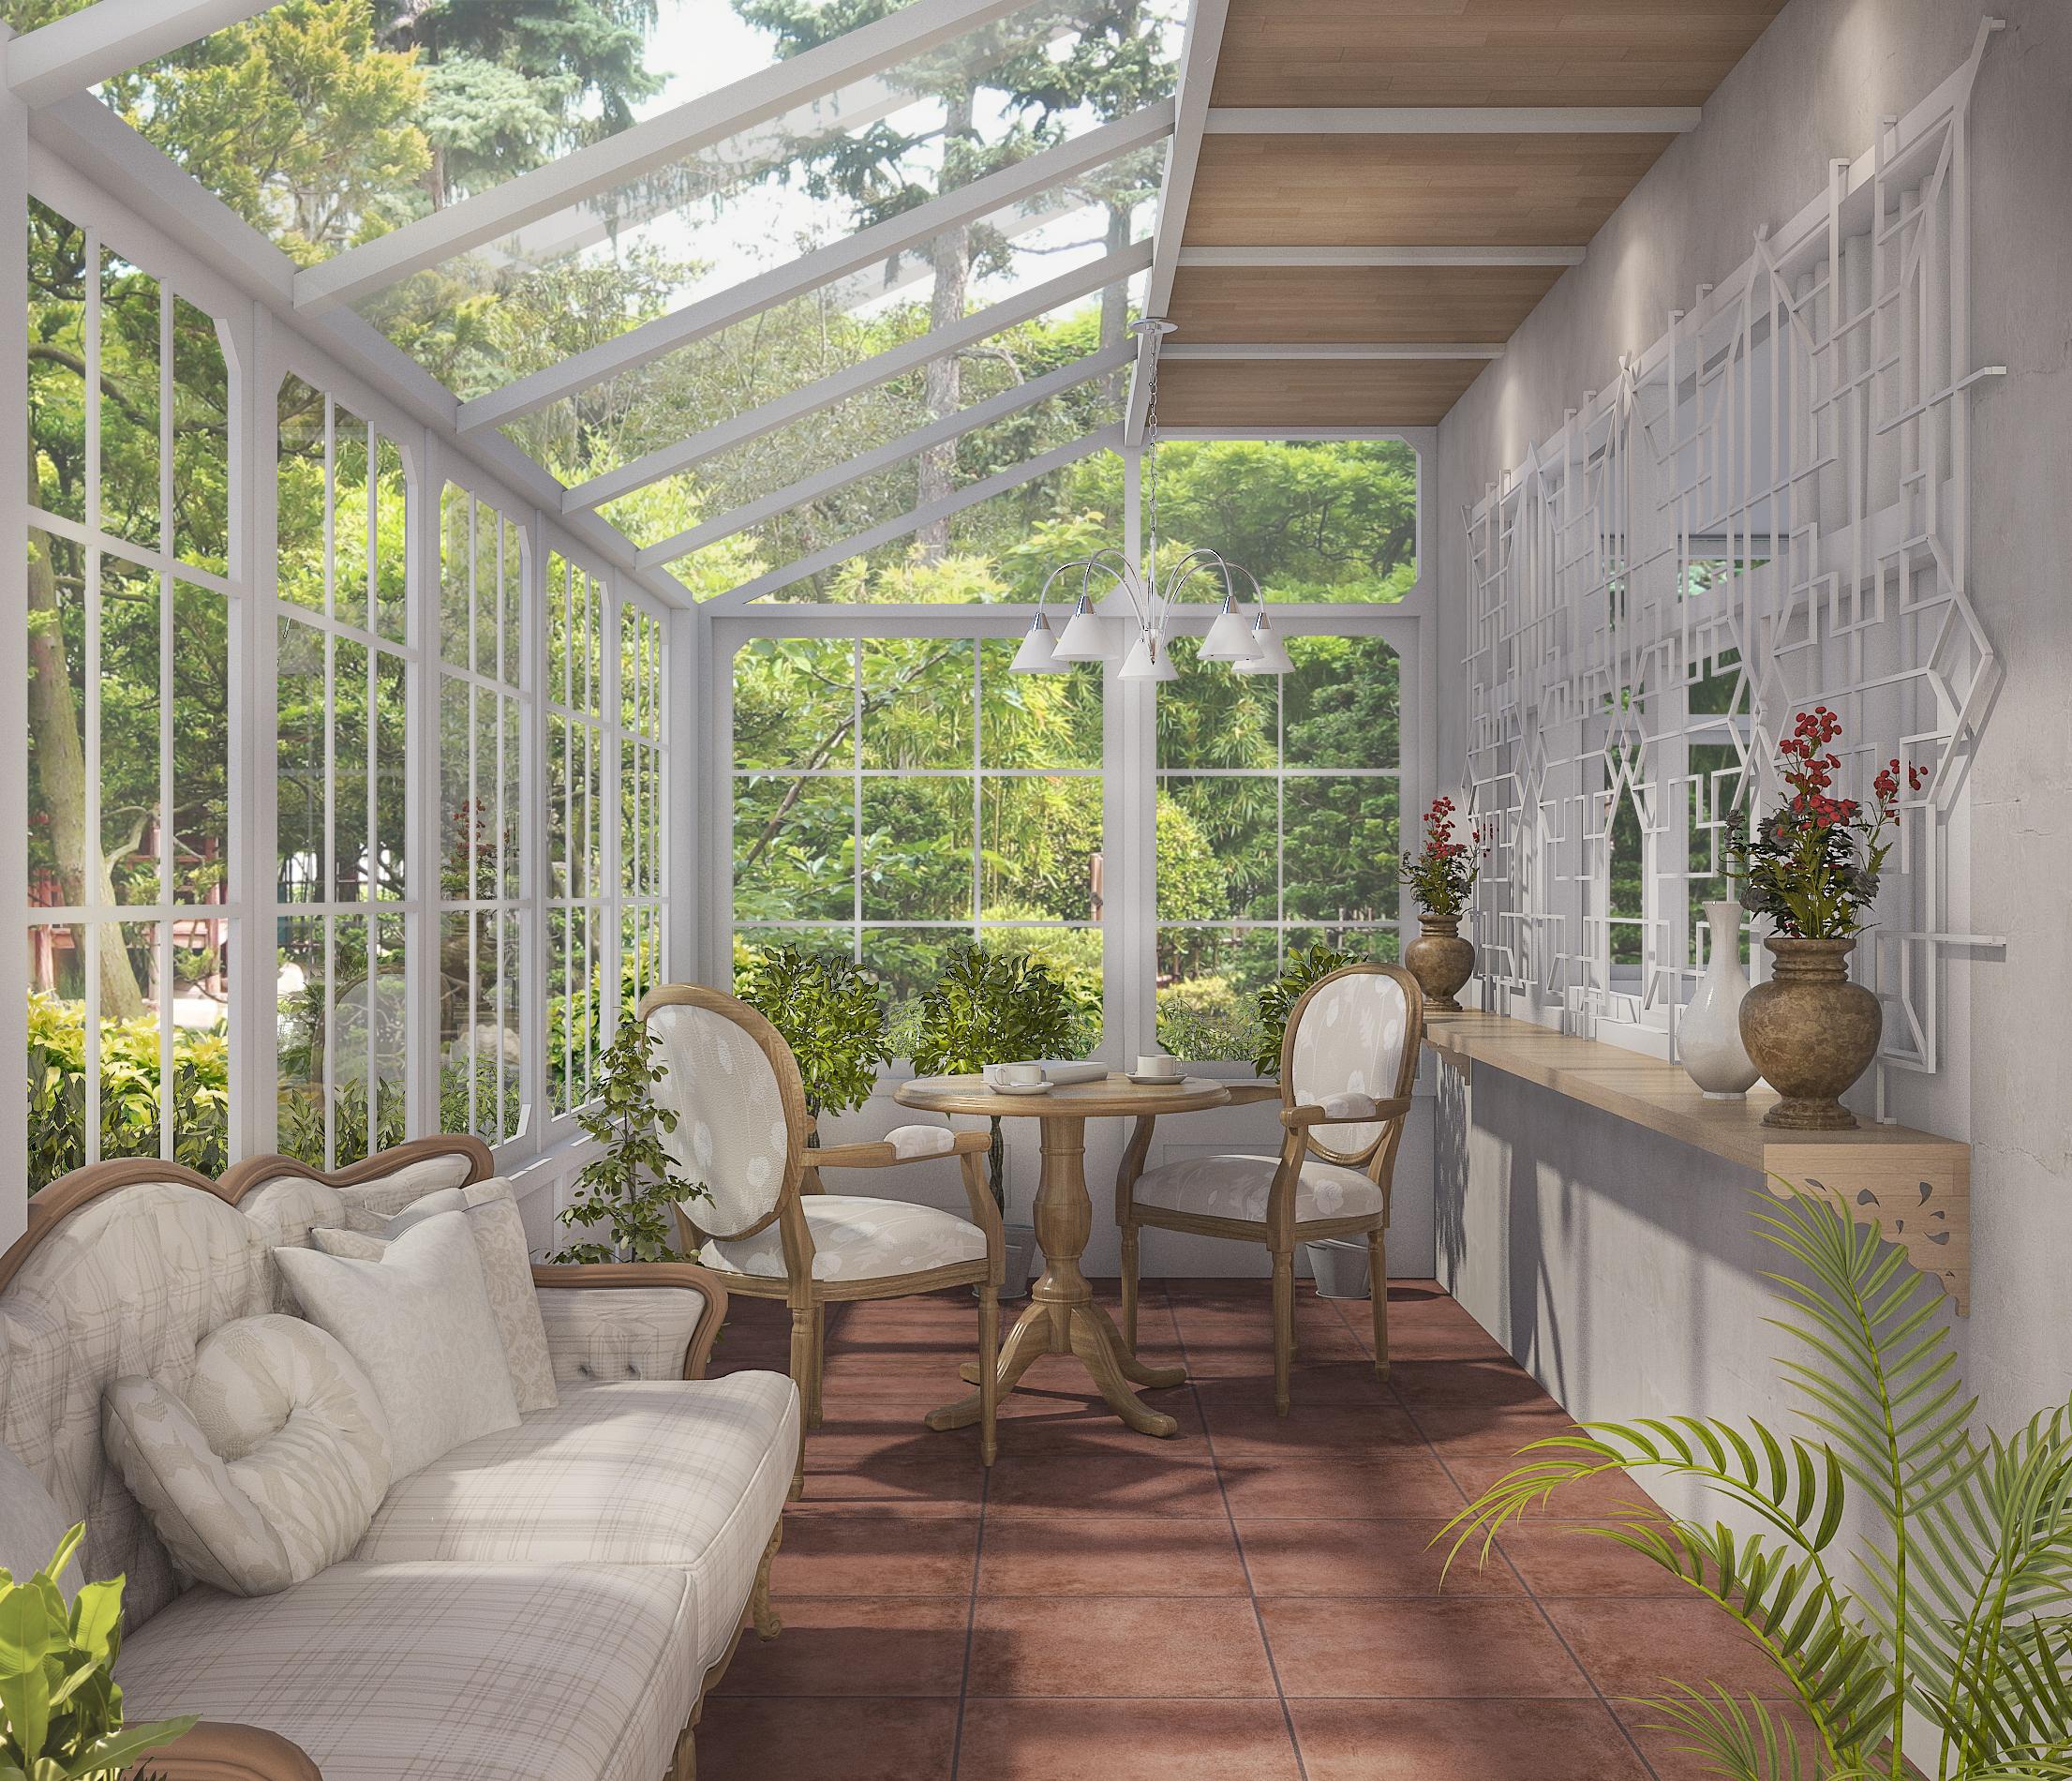 realizzare una veranda in alluminio sprech